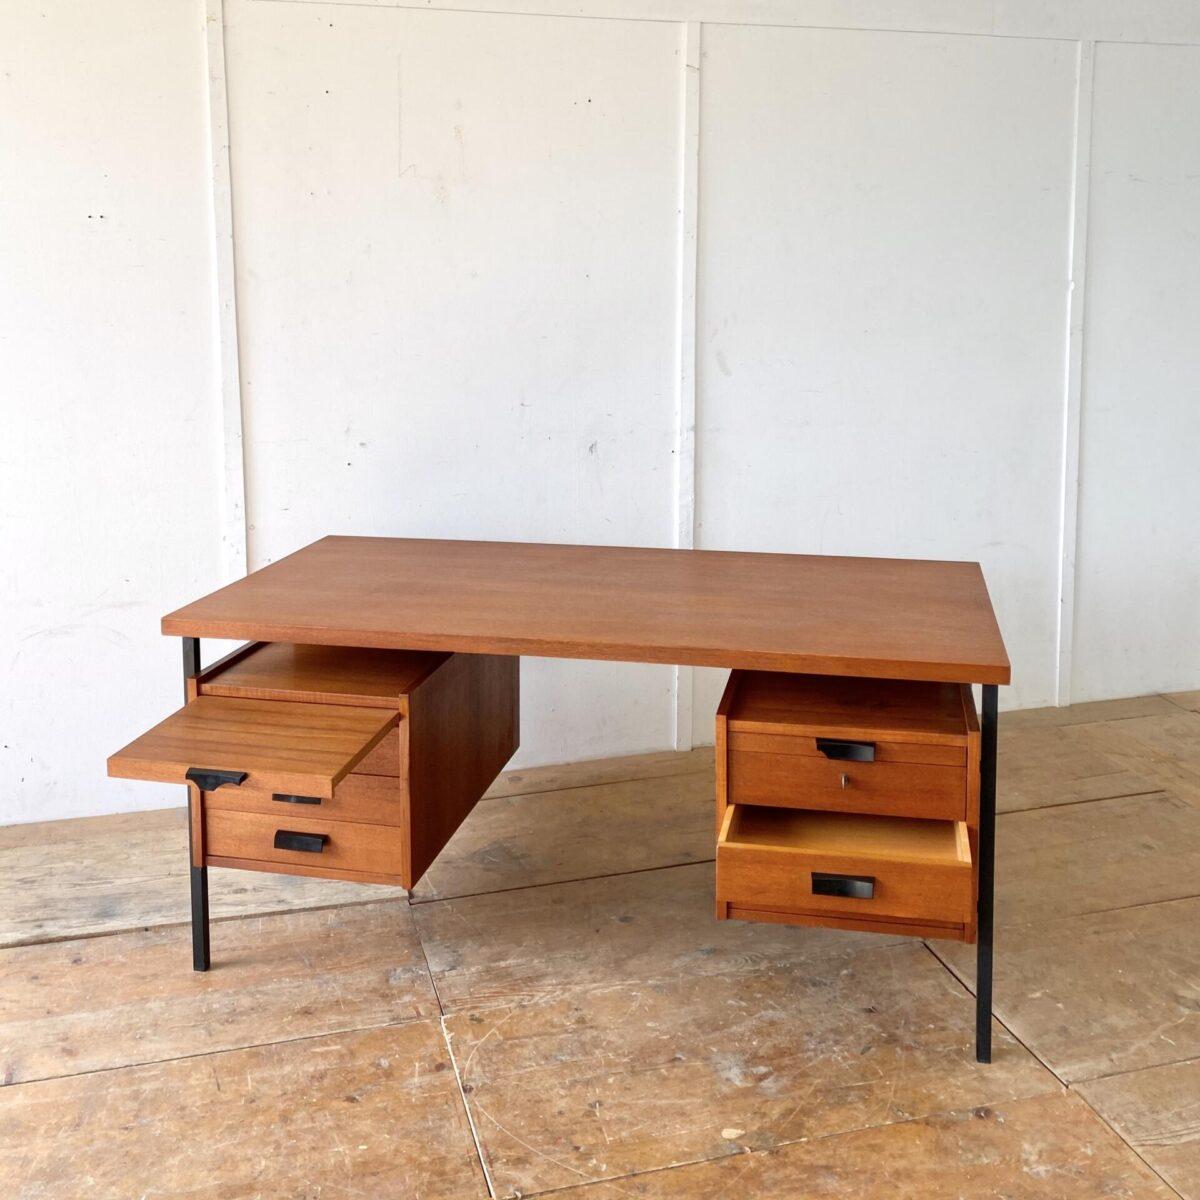 Deuxieme.shop midcentury teak Tisch teakdesk. Teak Schreibtisch mit Schubladen und schwarzen Metallbeinen. 156.5x78cm Höhe 74cm. Der Tisch hat diverse kleinere Hicke und Schrammen, zwei der Kunststoff Schubladengriffe sind etwas verbrochen, eines der beiden Schlösser klemmt. Ansonsten in schönem vintage Zustand.